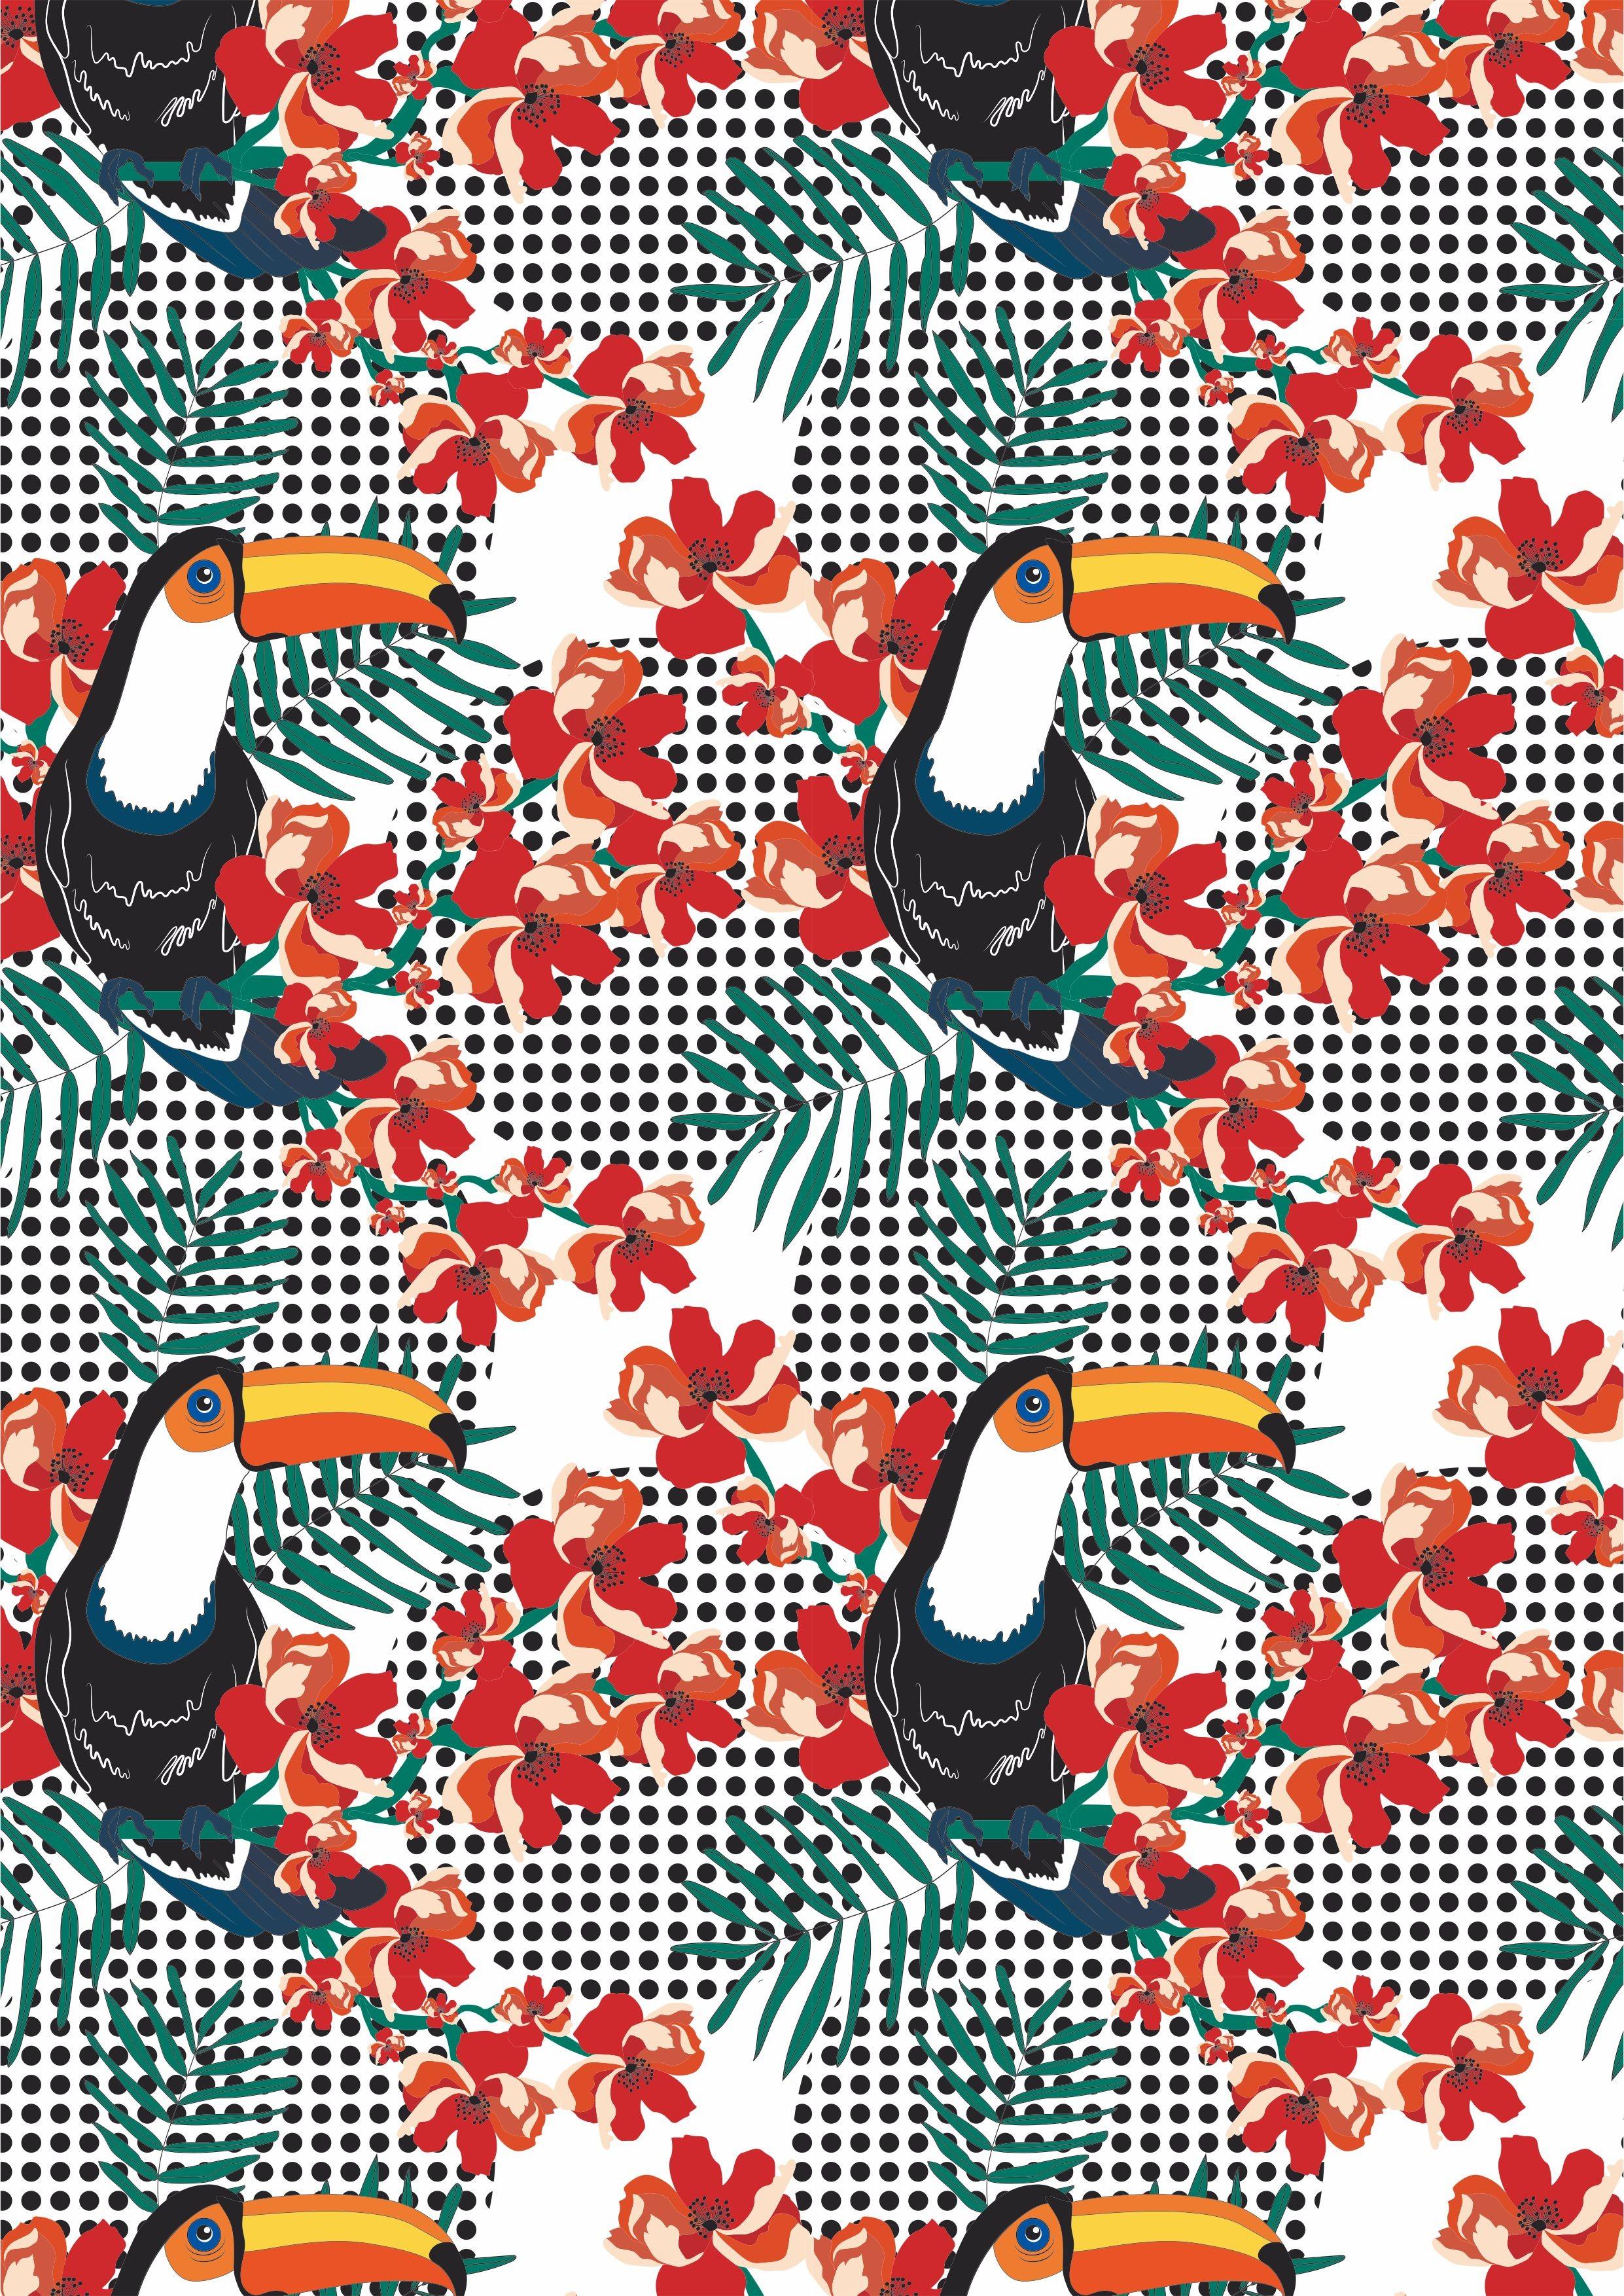 巨嘴鸟植物花朵矢量图服装面料数码印花花型素材-POP花型网